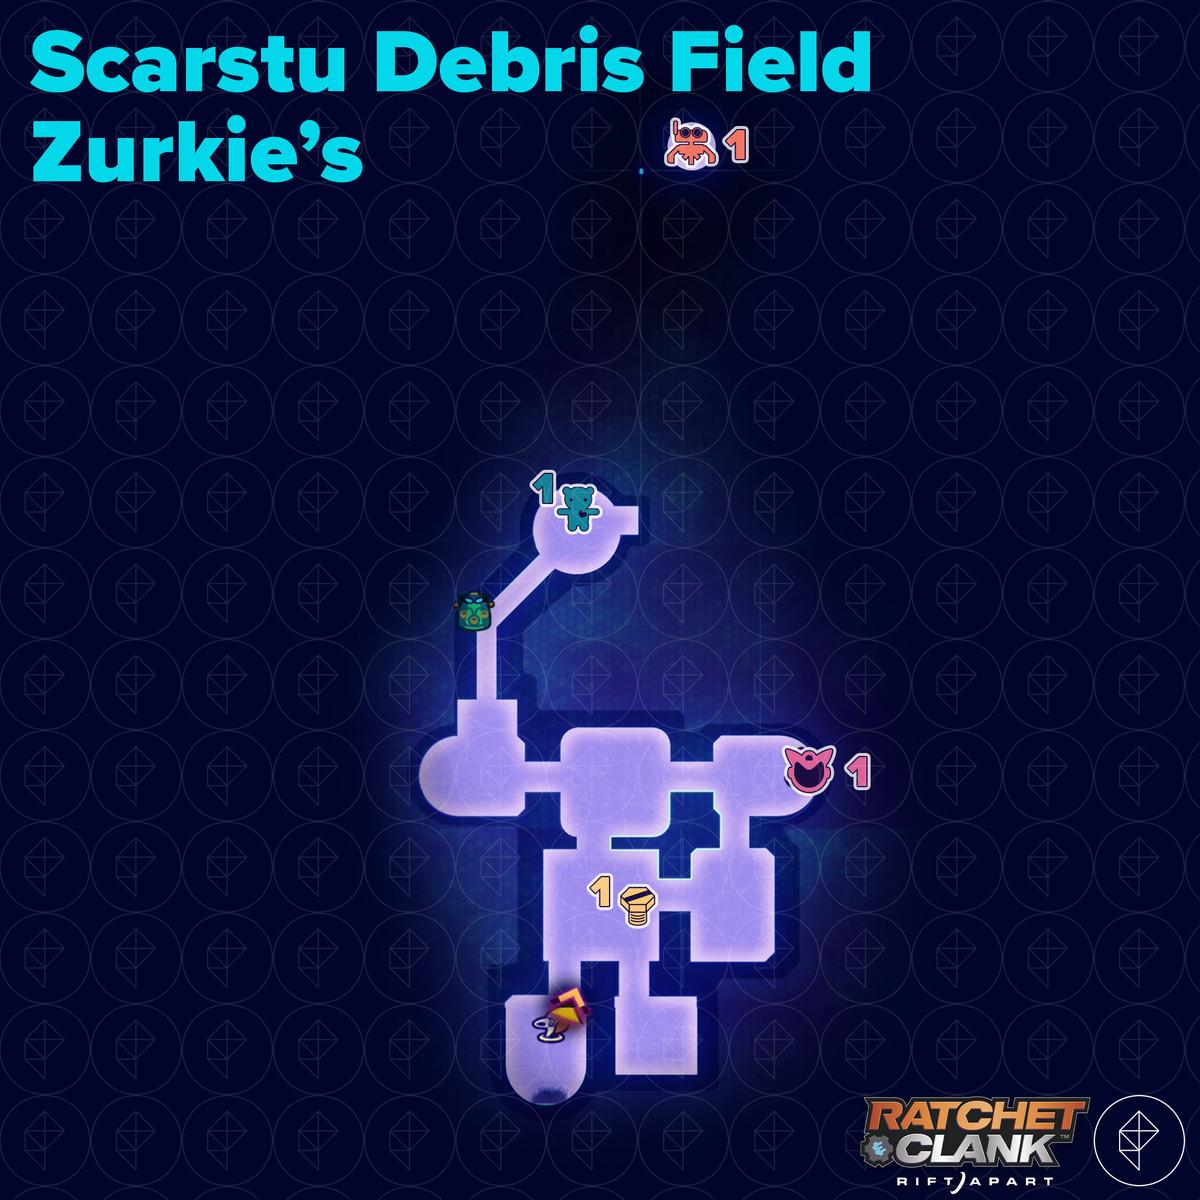 Ratchet & Clank: Rift Apart collectibles guide: Scarstu Debris Field Zurkie's